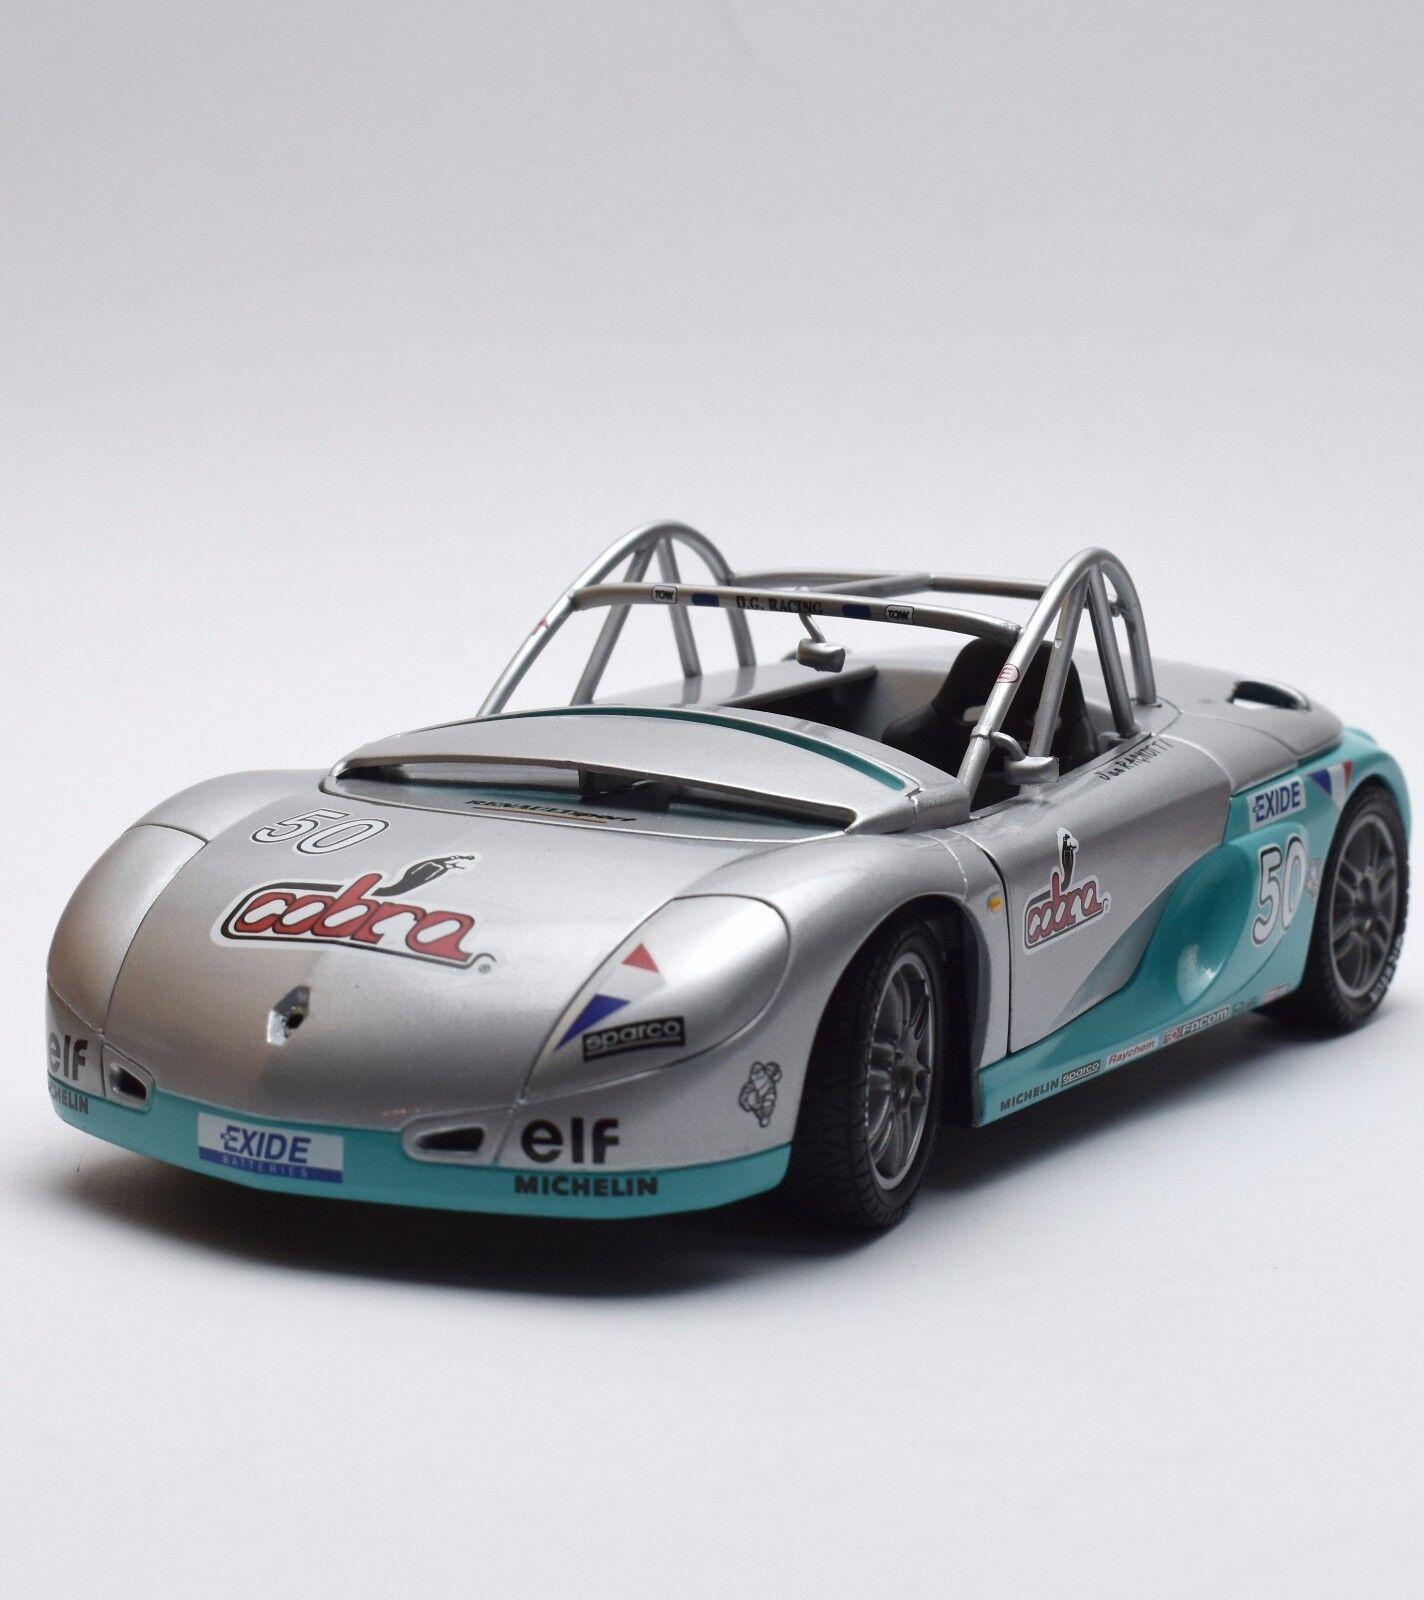 Anson Racing Renault Spider Voiture de sport en argent laqué, neuf dans sa boîte, 1:18, k006 | Vendre Prix